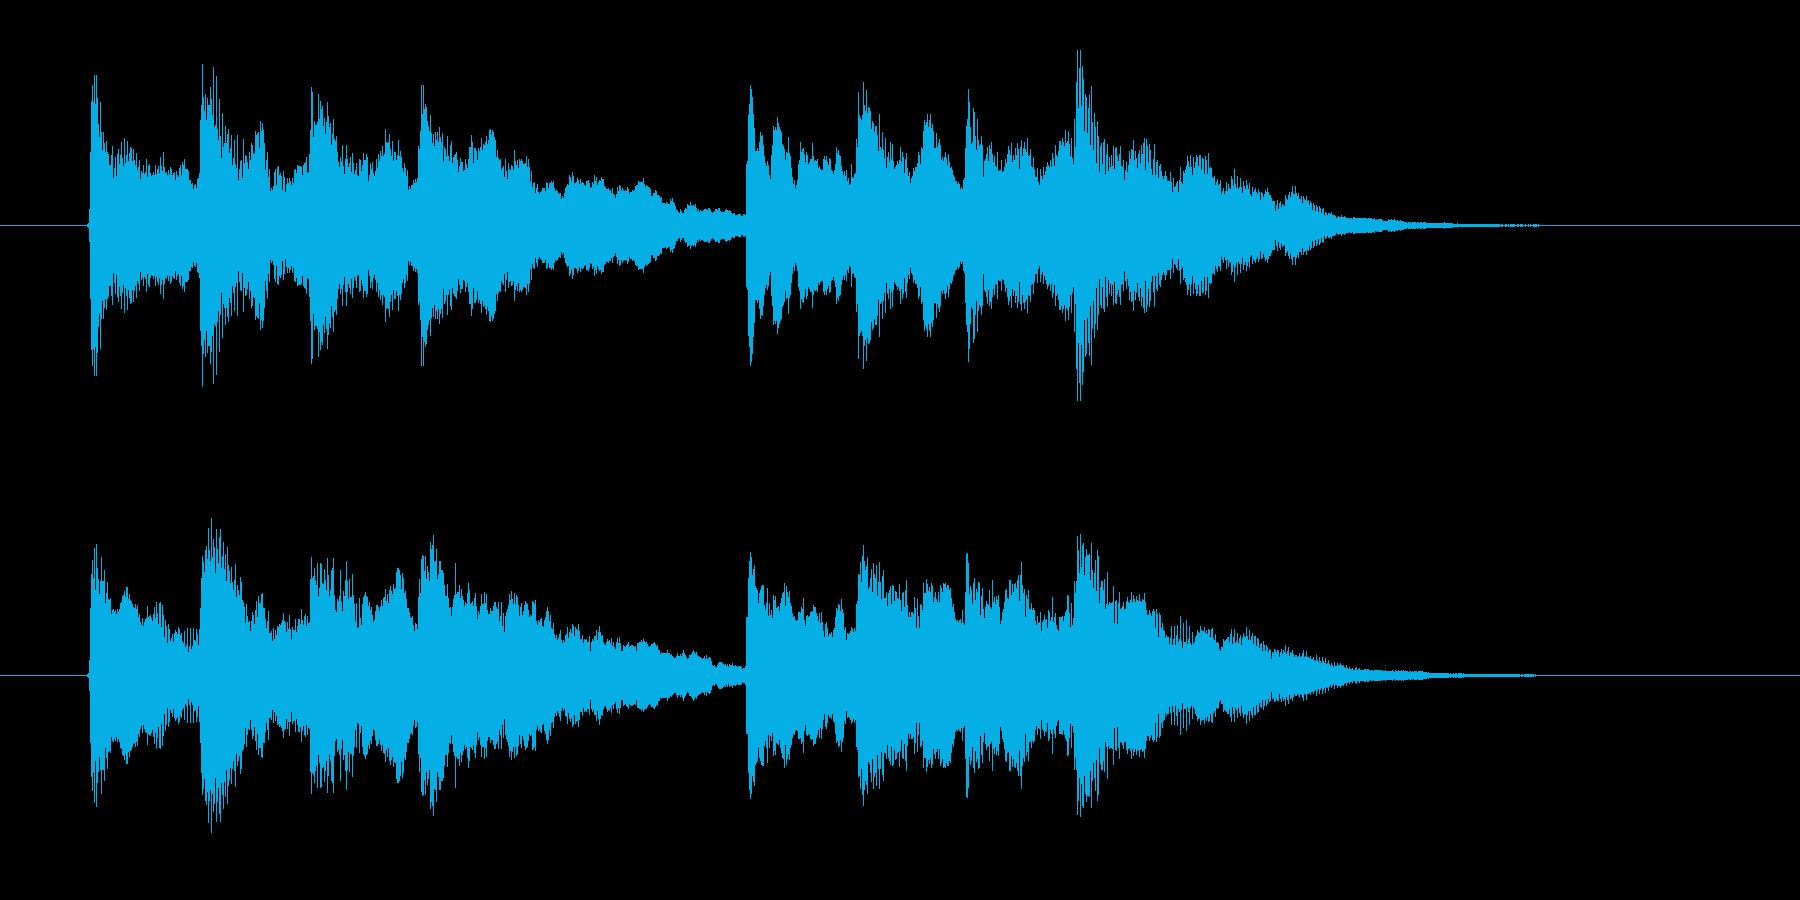 シンプルで煌びやかなポップ音階ジングルの再生済みの波形